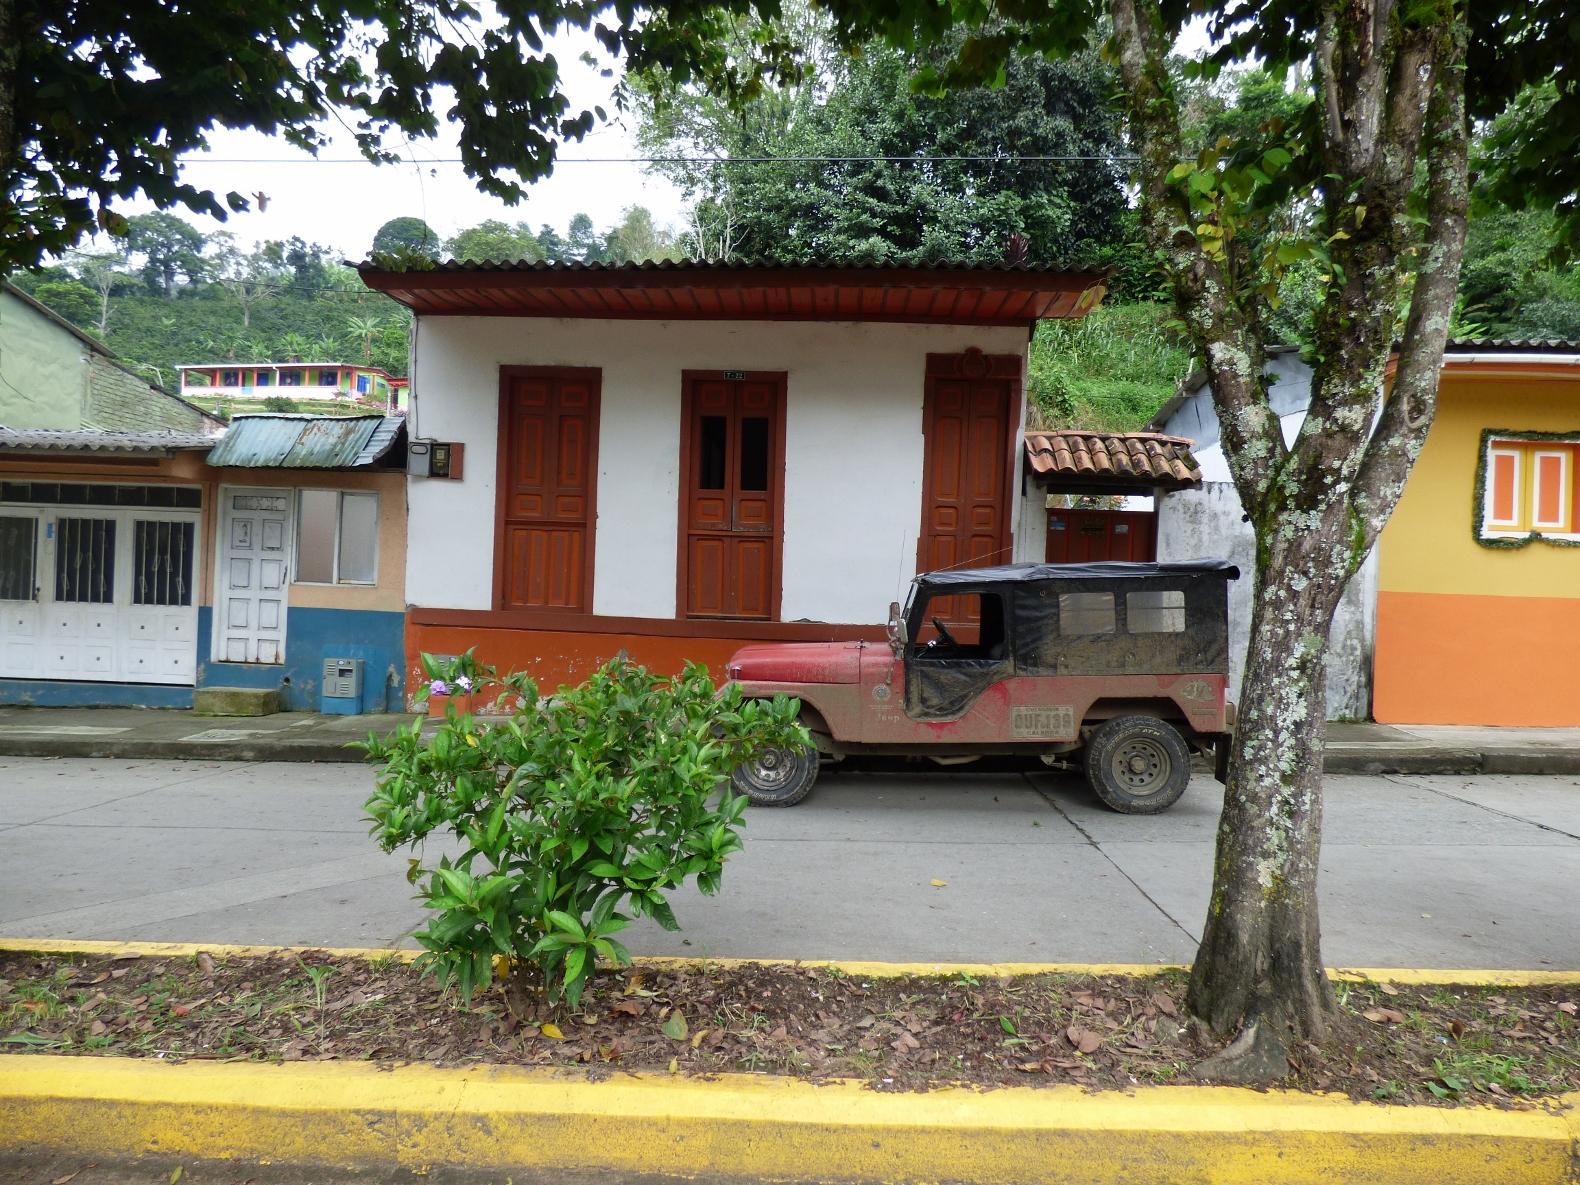 Calles en Pijao - Quindío. Foto: David Medina